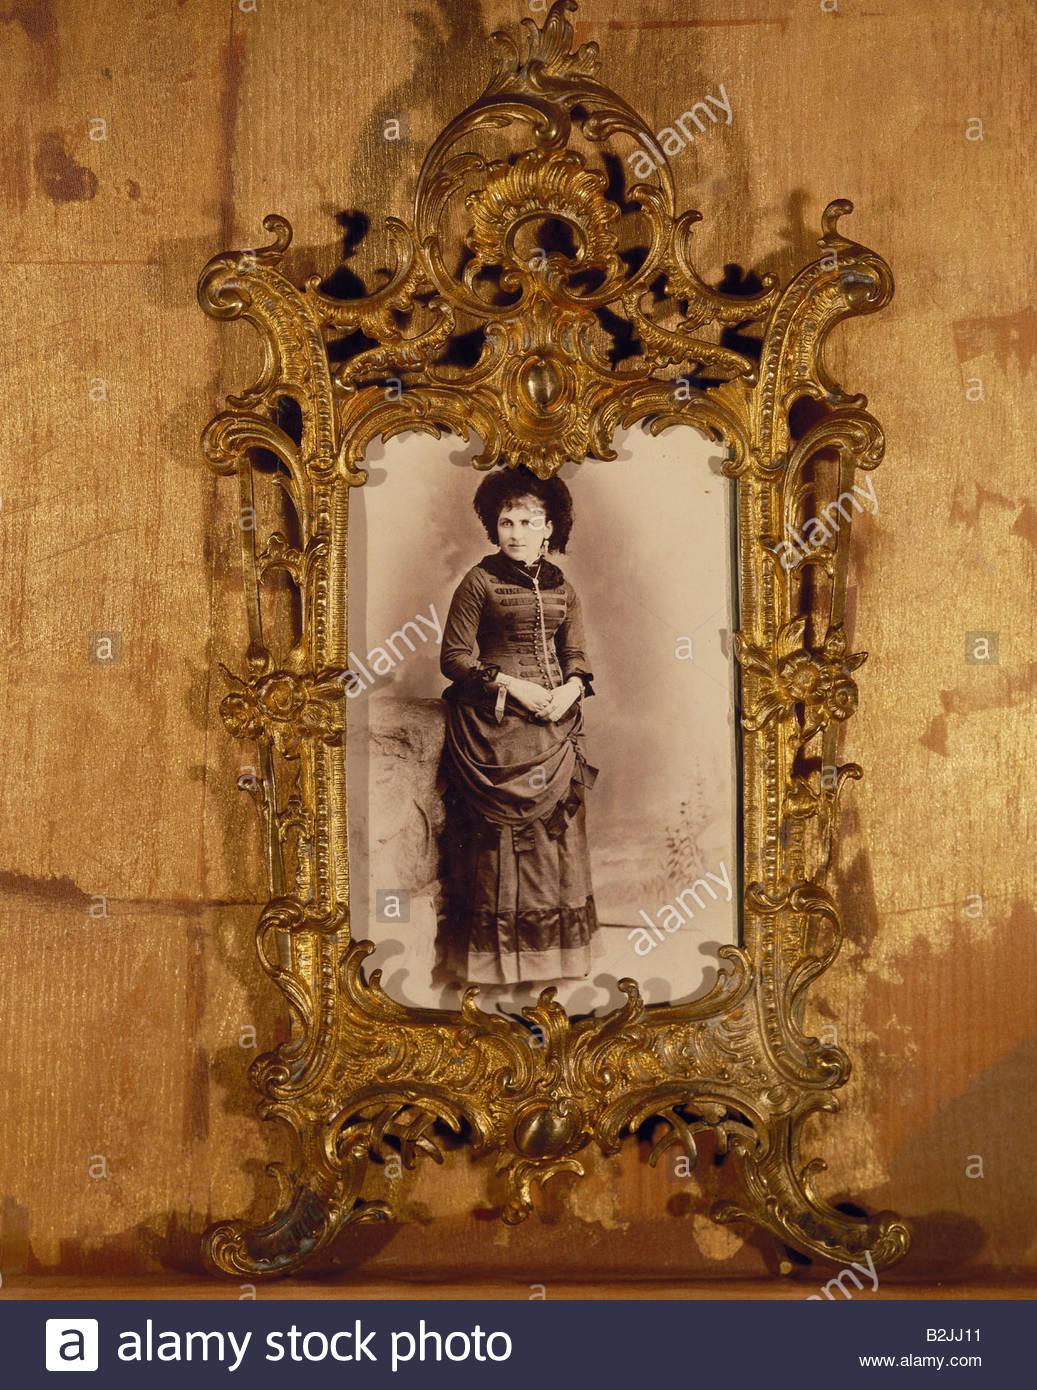 Menschen, Frauen, 19. Jahrhundert, Bild einer stehenden Muttergottes ...